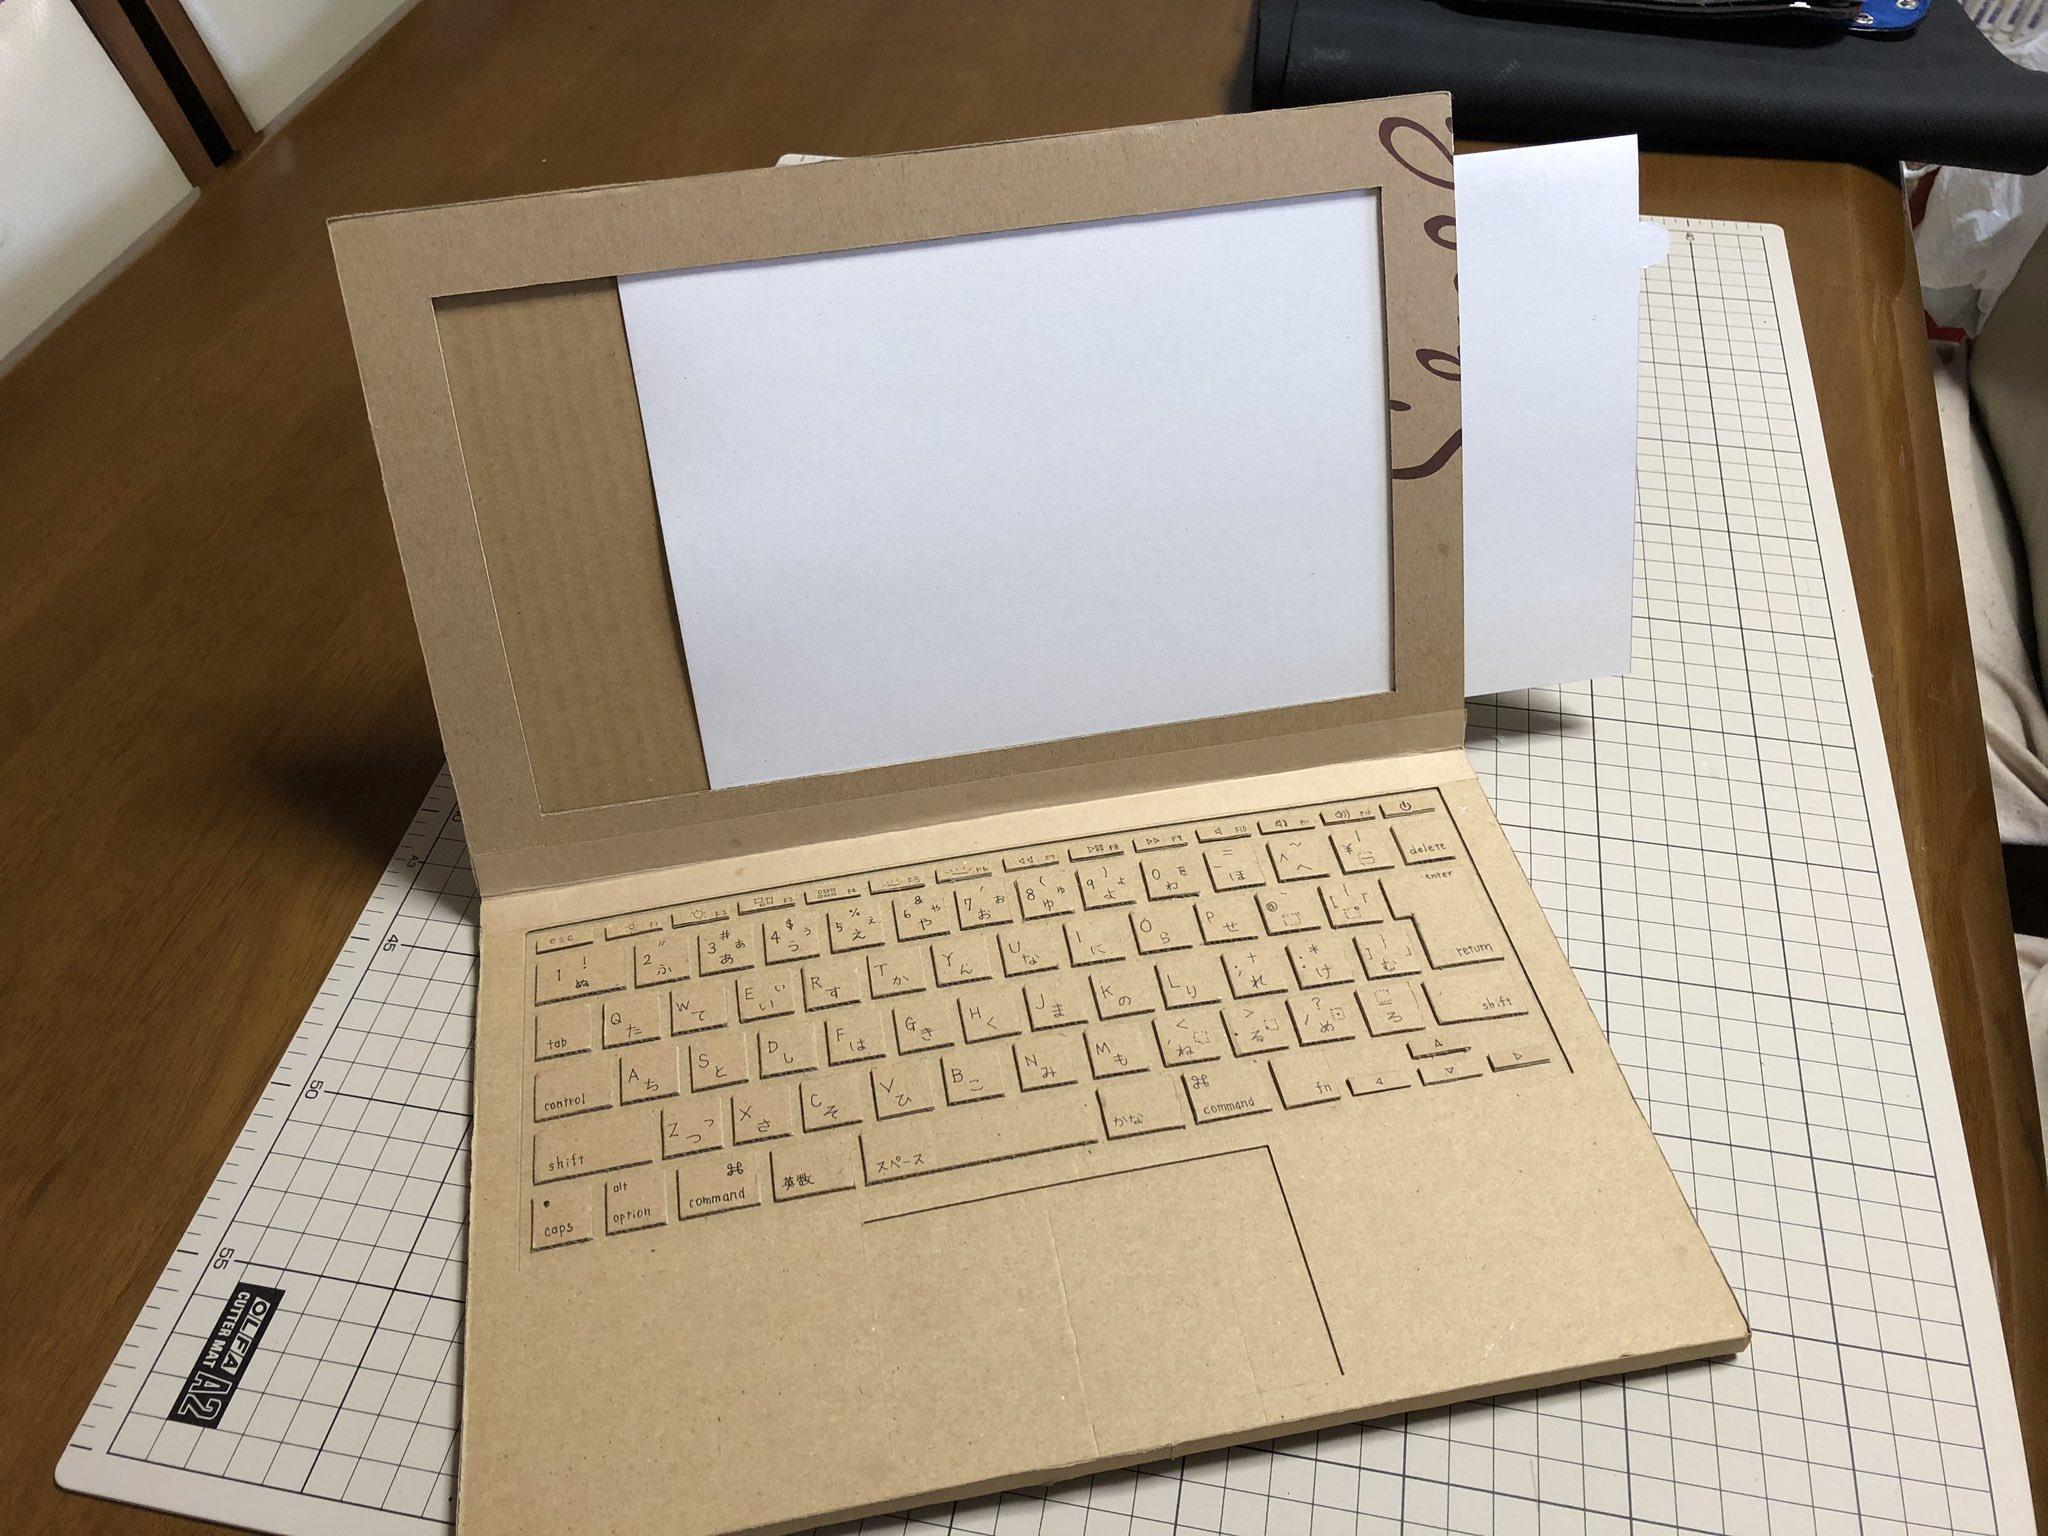 cardboard laptop